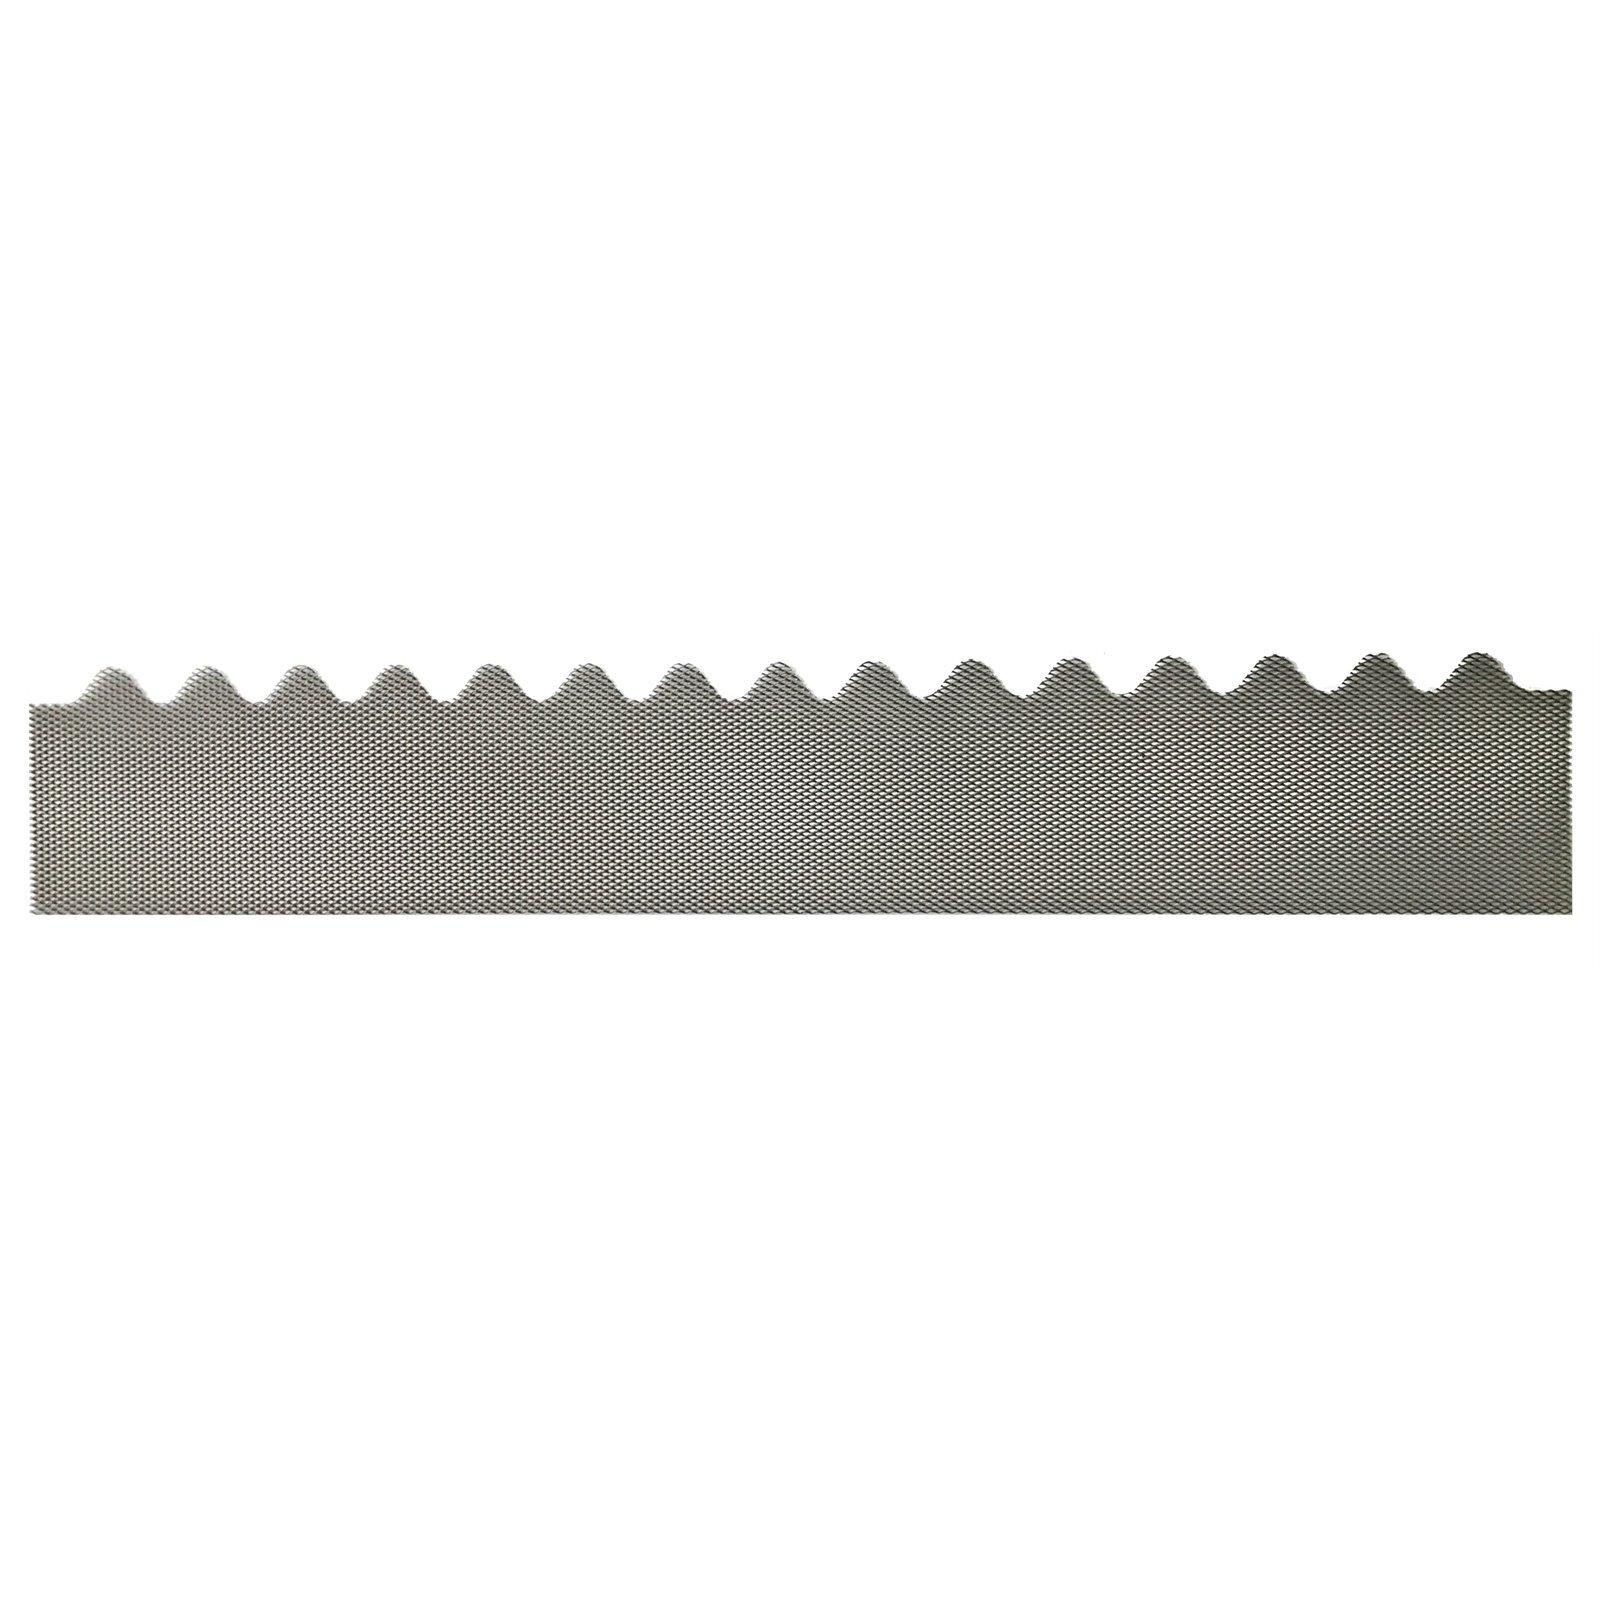 GumLeaf 1200mm Colorbond Metal Corrugated Gutter Guard - Cove